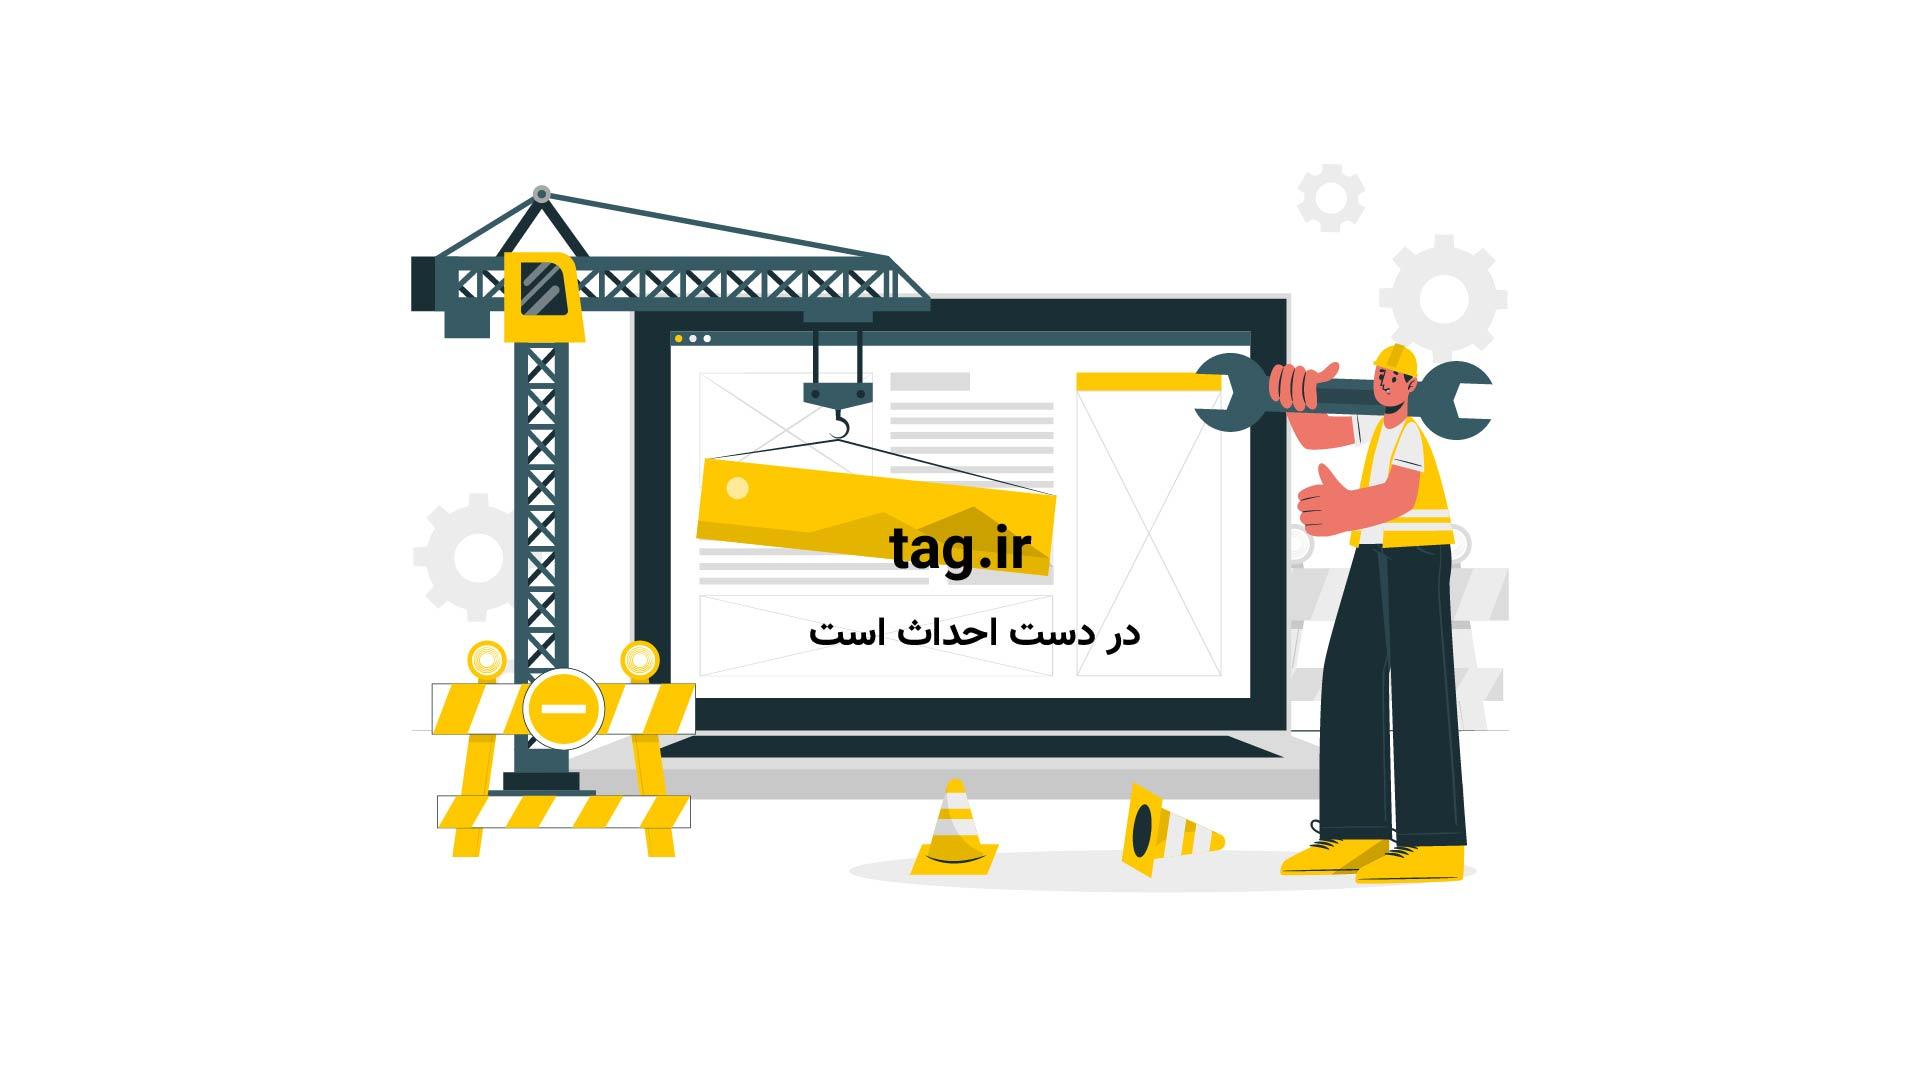 روزنامه اقتصادی | تگ